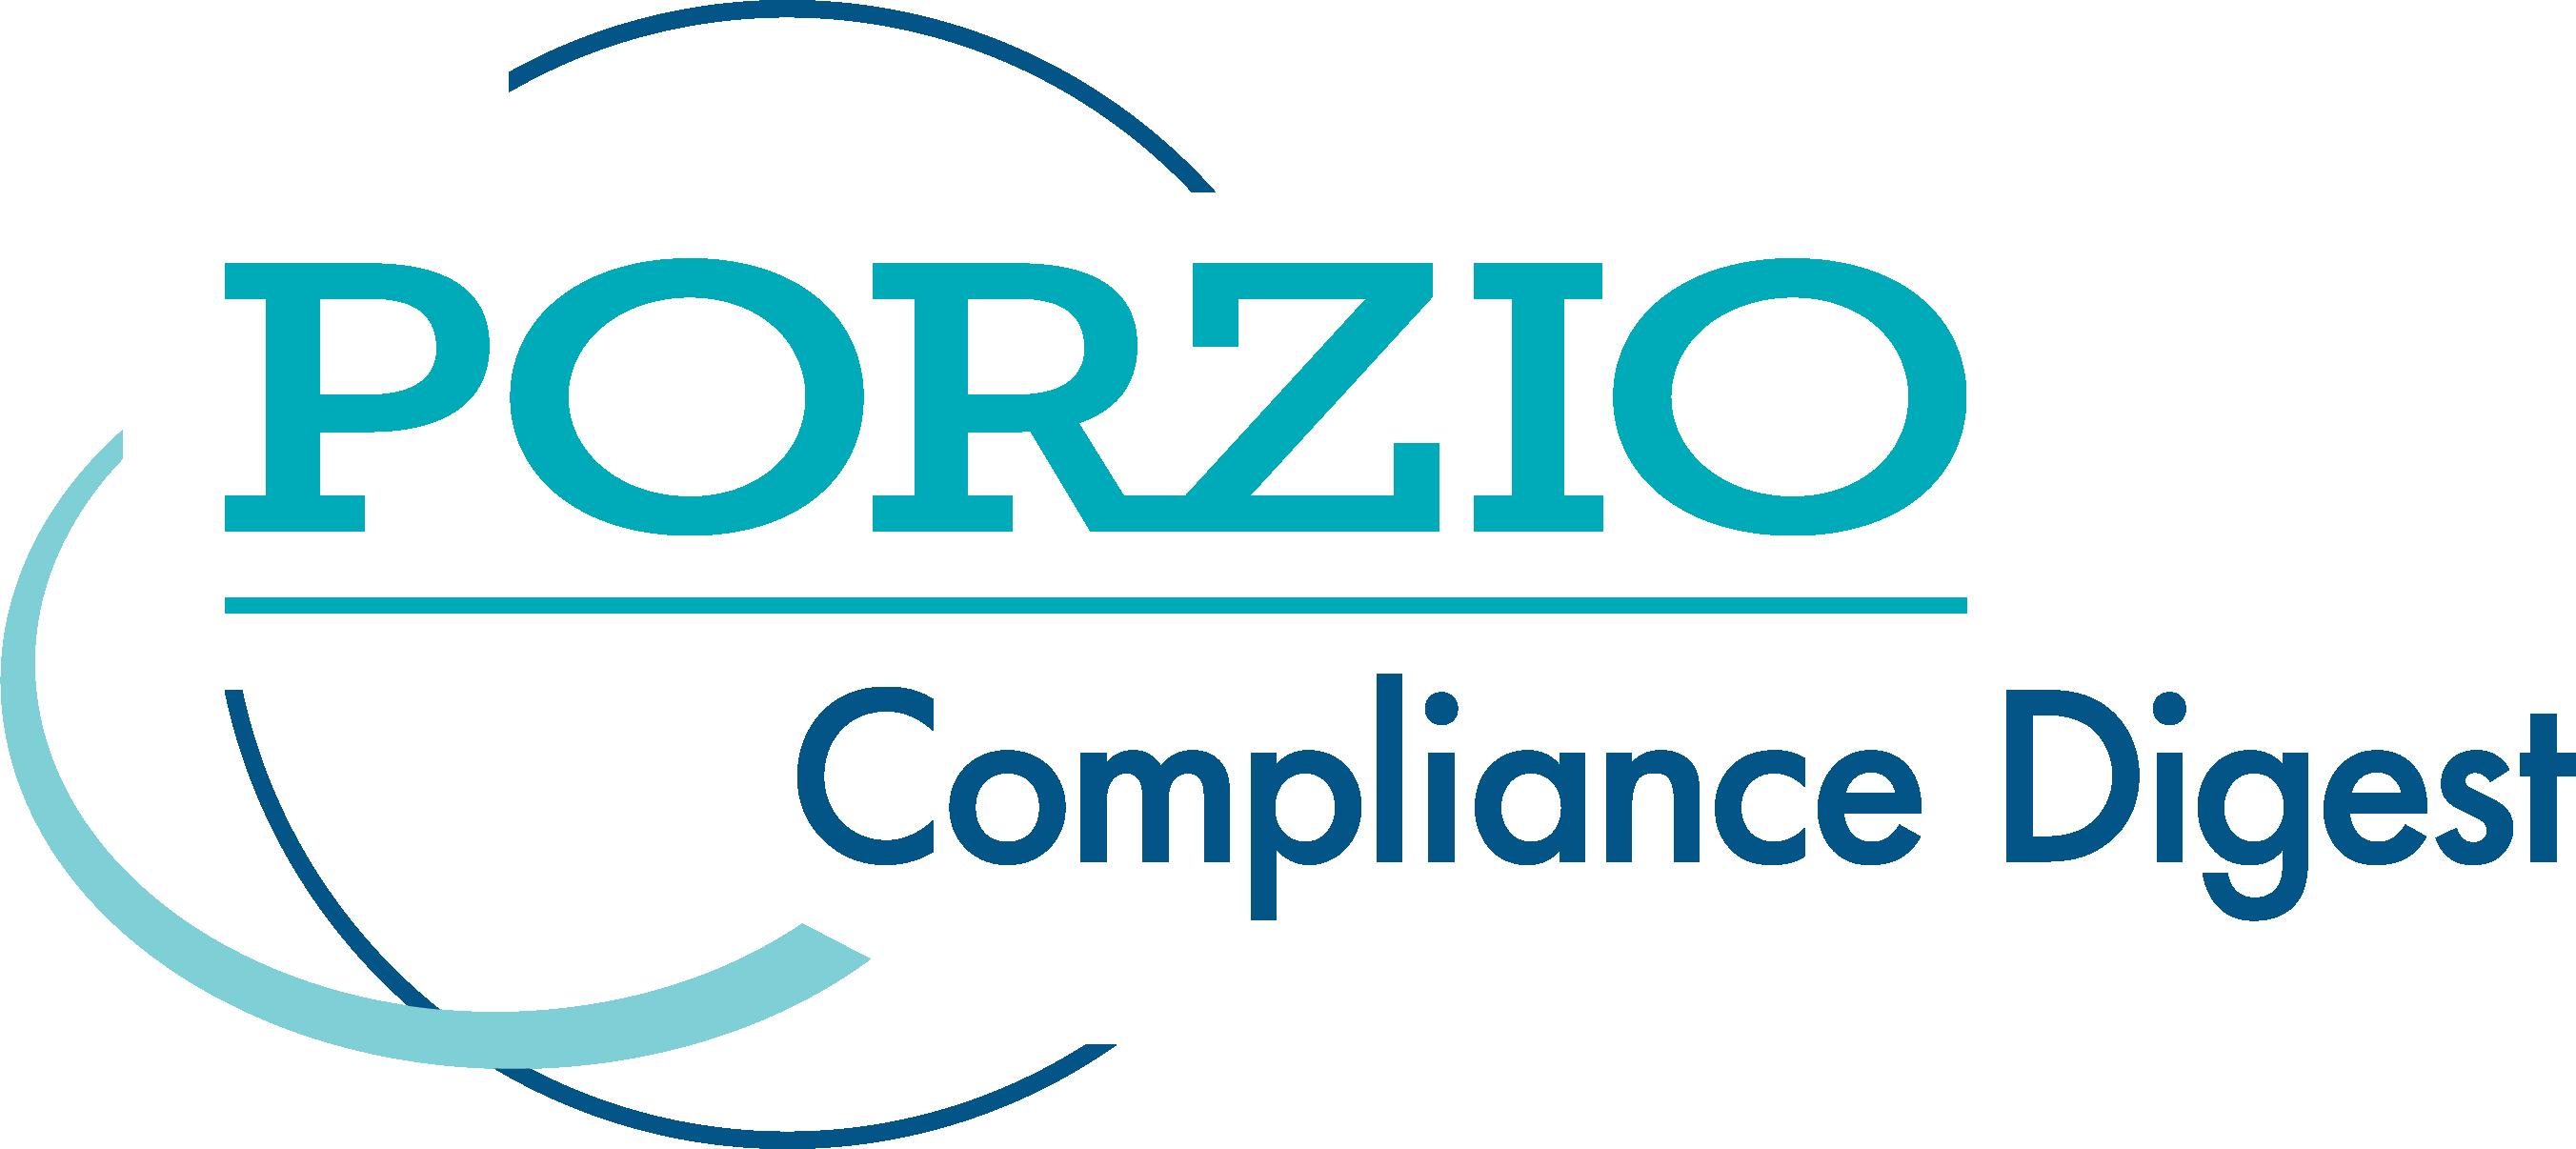 Porzio_Compliance Digest_Logo_PNG